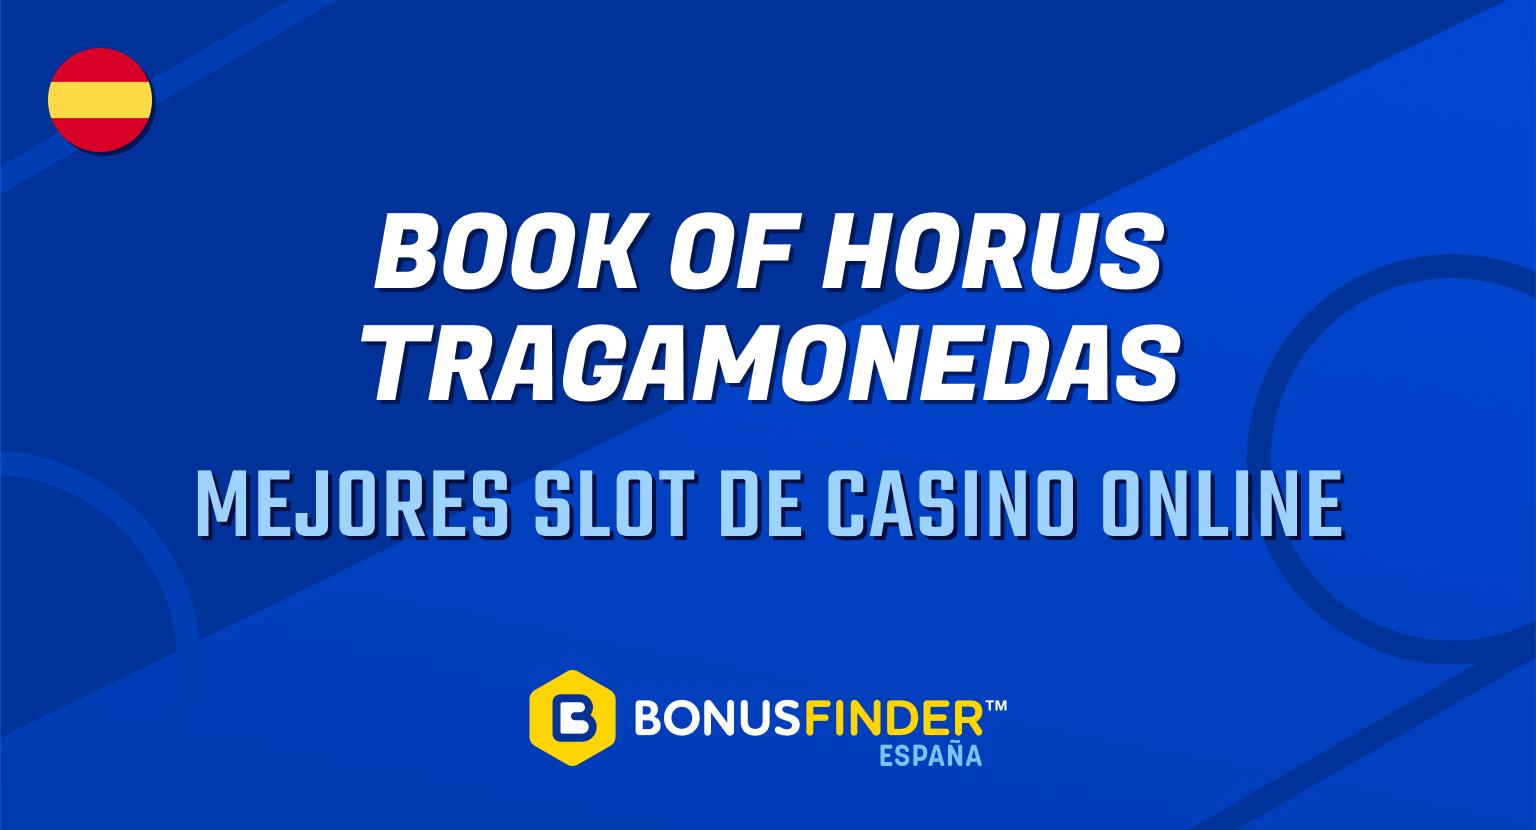 Book of Horus Tragamonedas